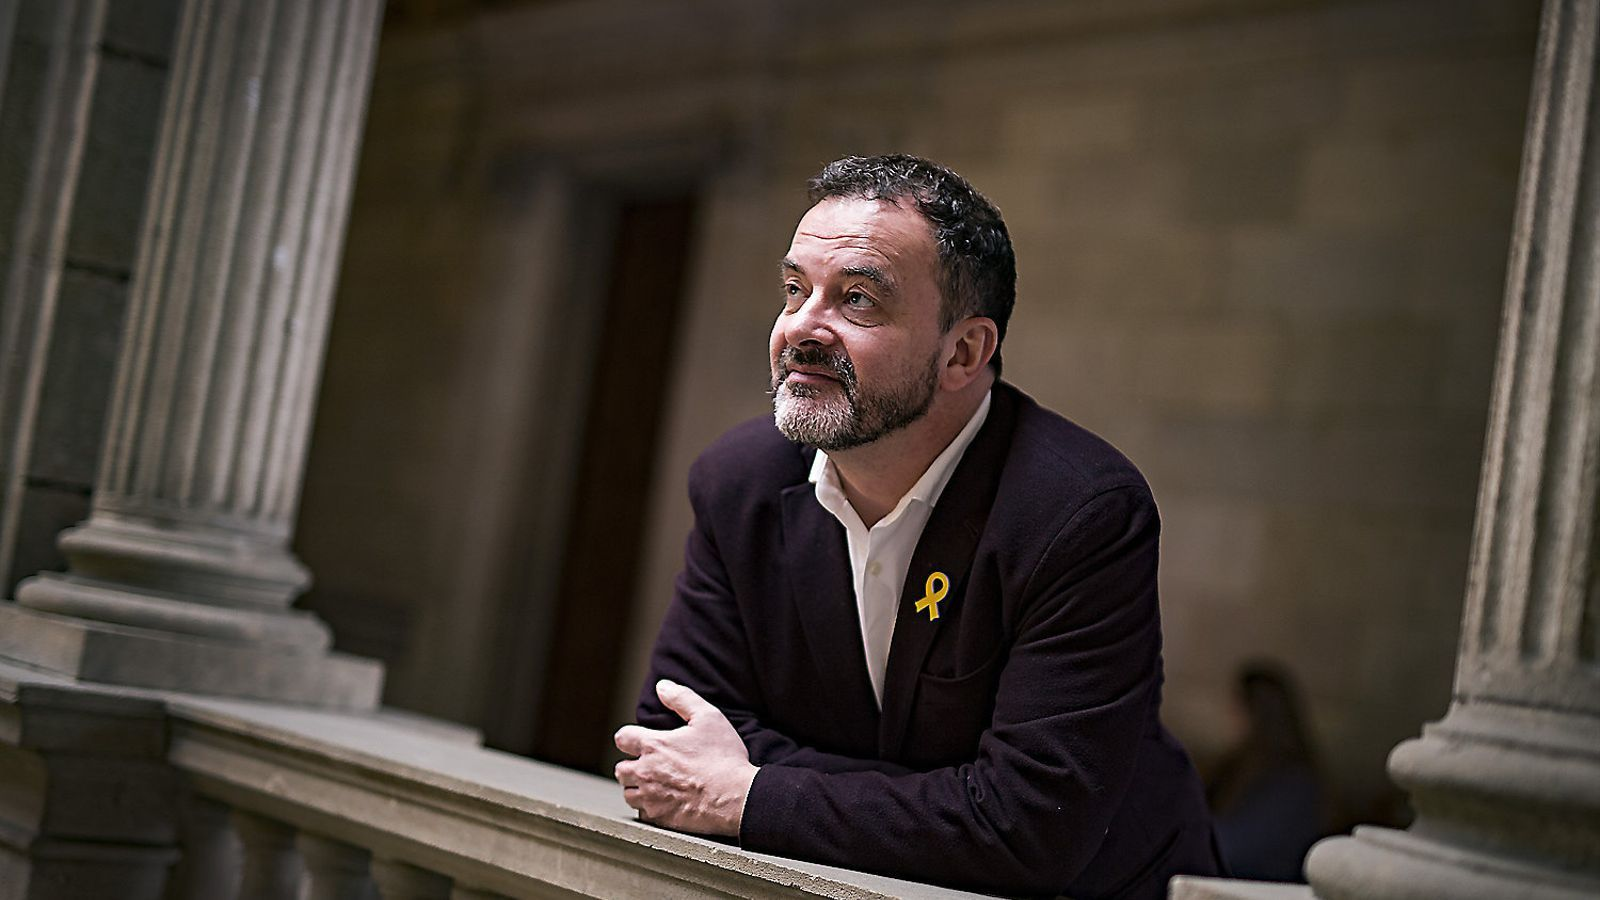 El líder municipal d'ERC a Barcelona, Alfred Bosch, a l'Ajuntament, en una imatge del març.